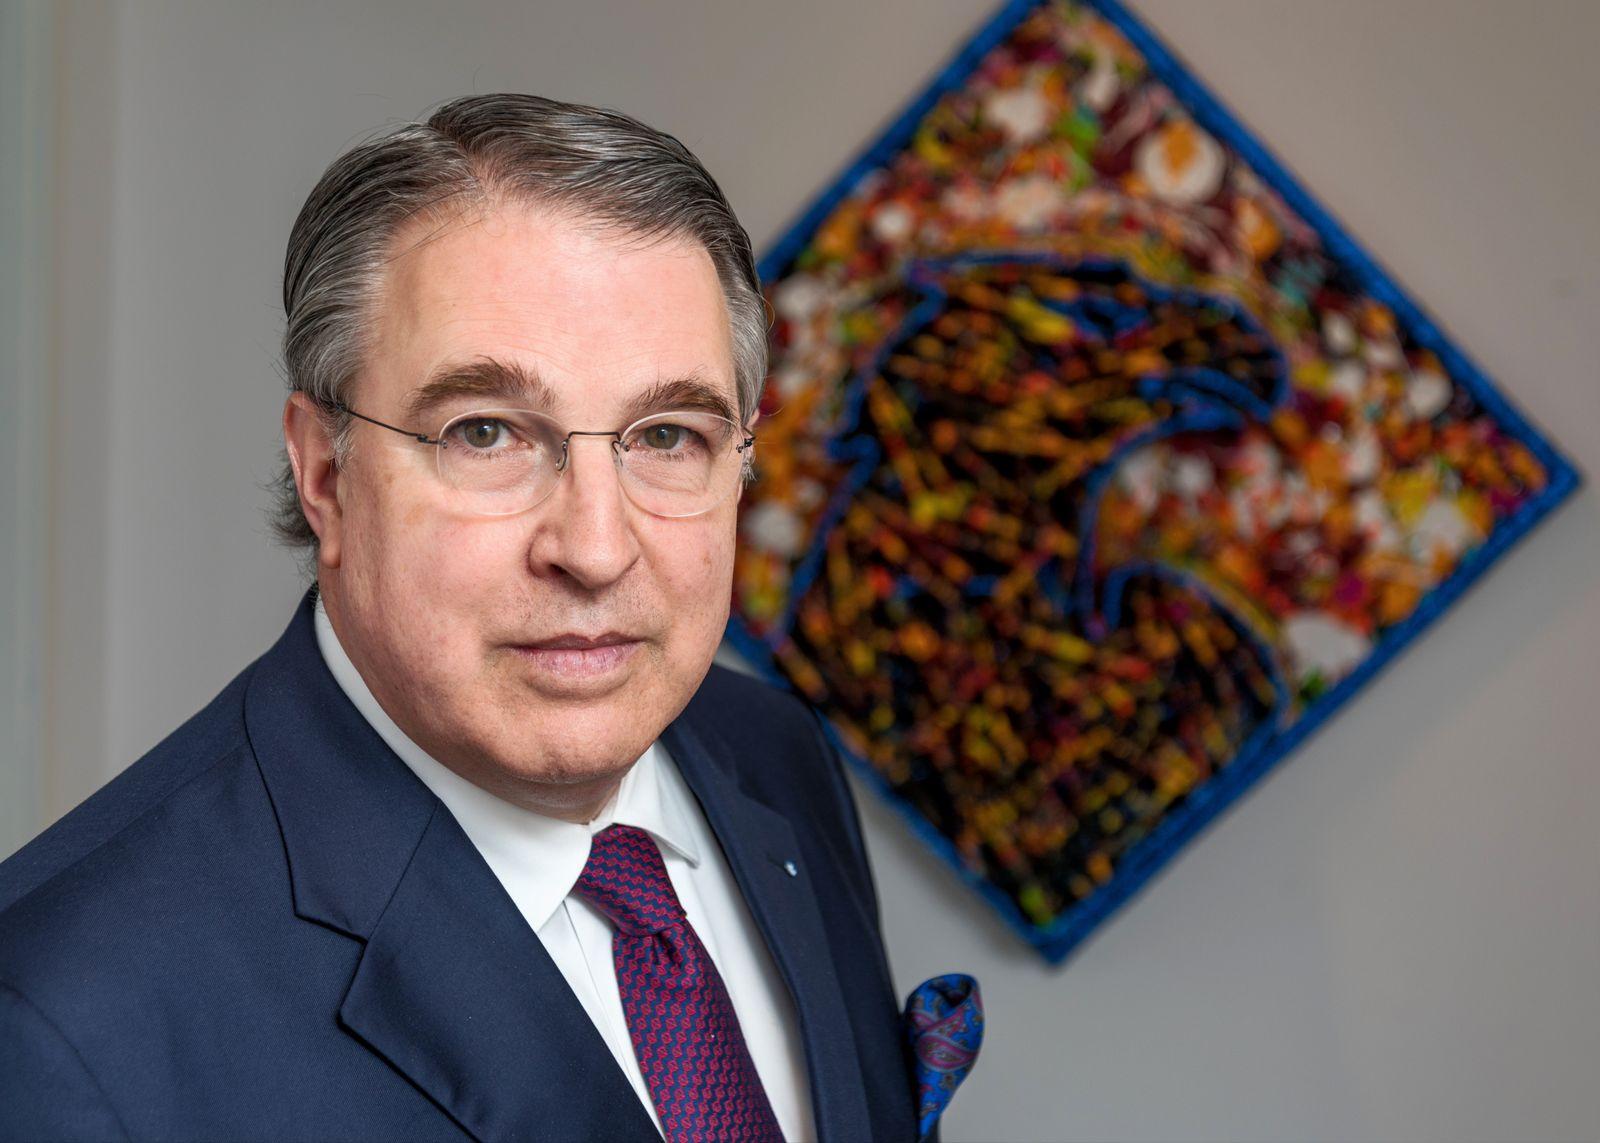 Dr Stefan Knoll